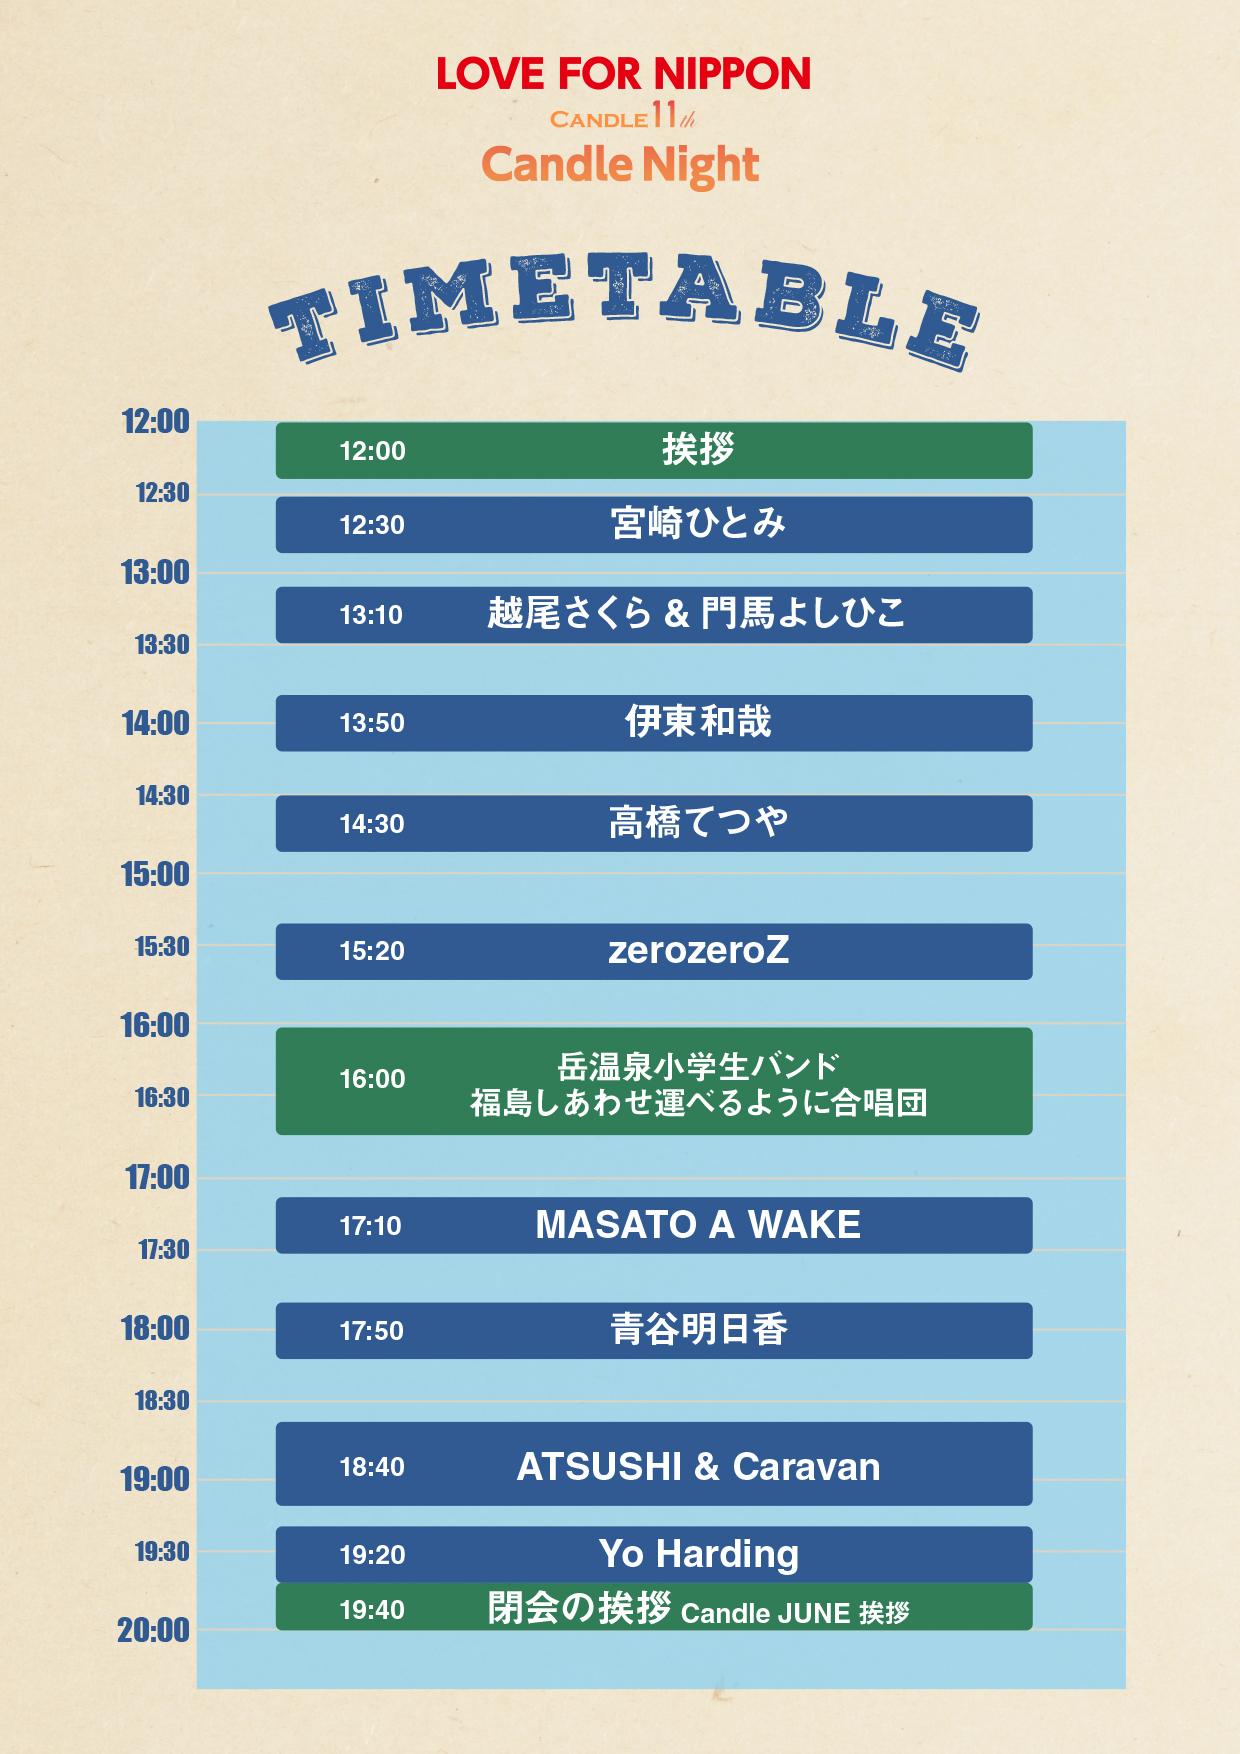 6月11日開催 <Candle 11th presents> キャンドルナイト@岳温泉(福島県)タイムテーブル発表!